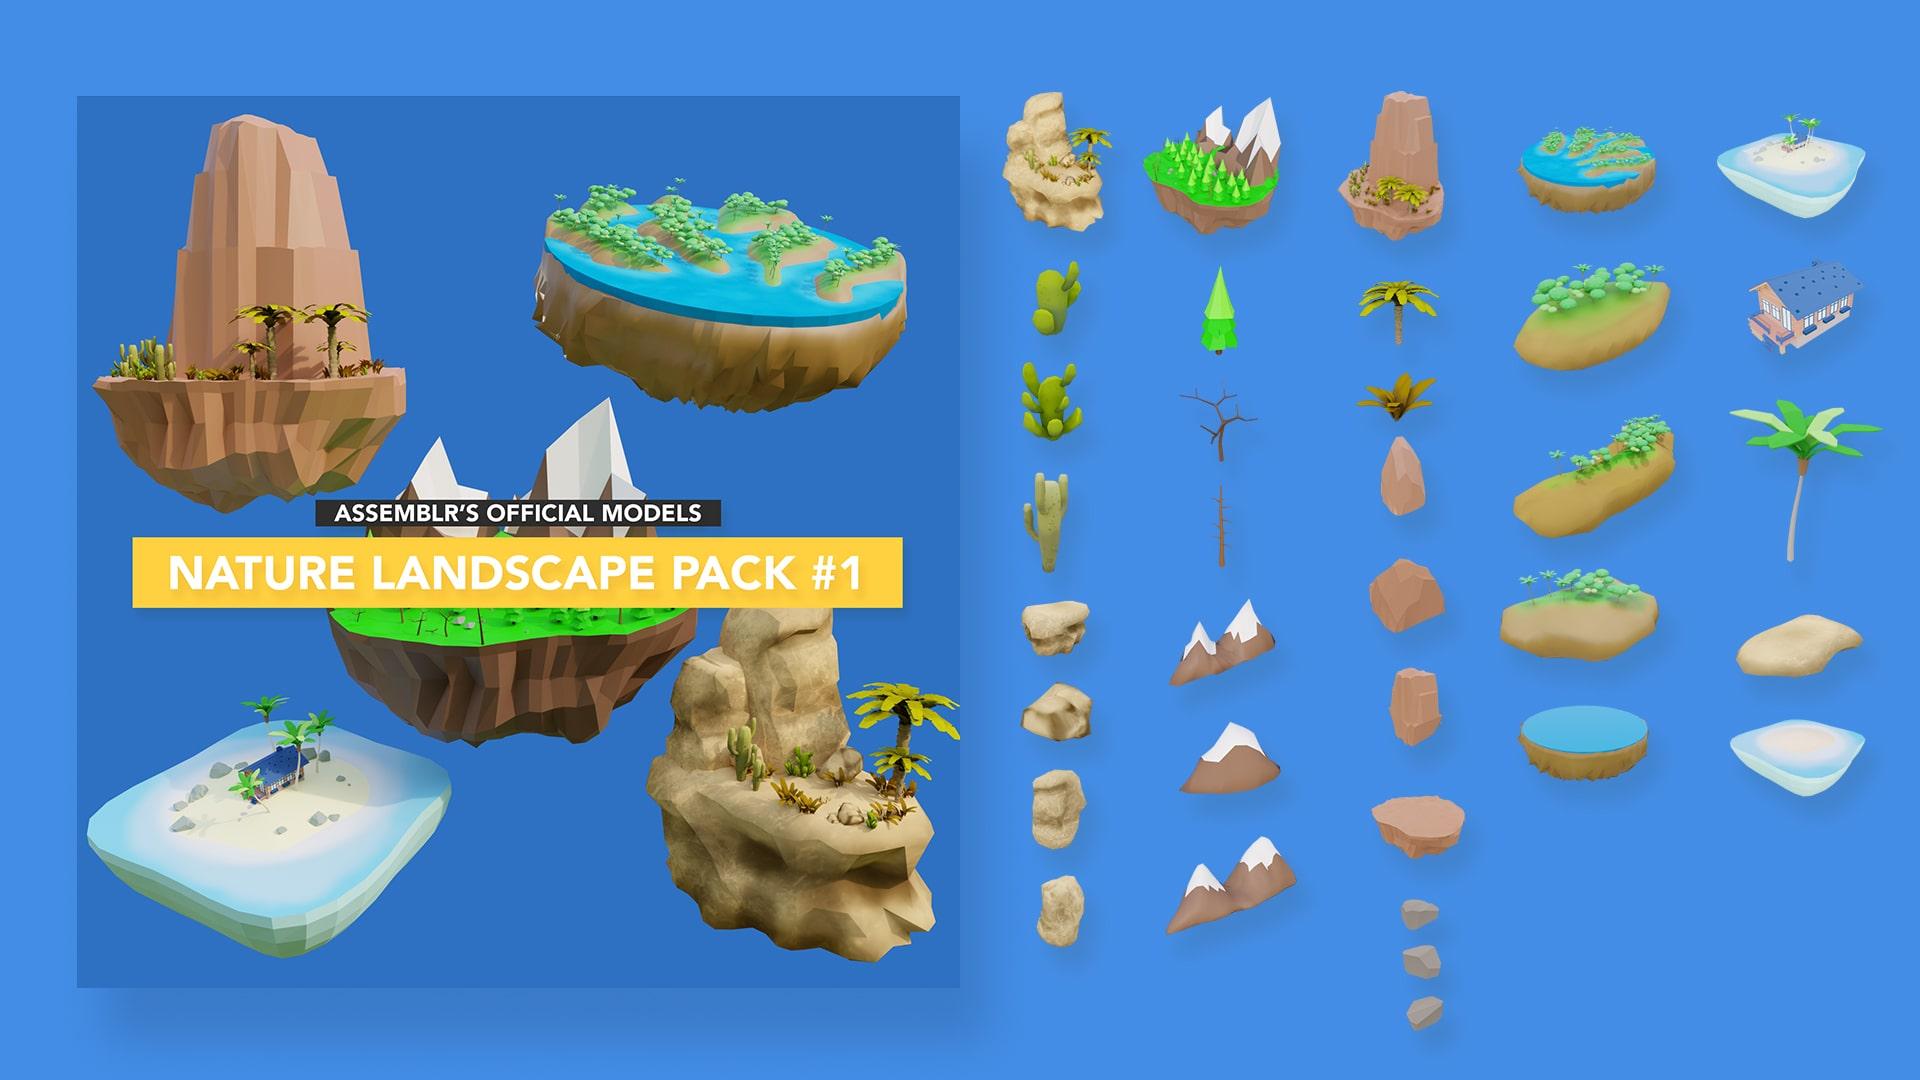 Nature landscape pack #1